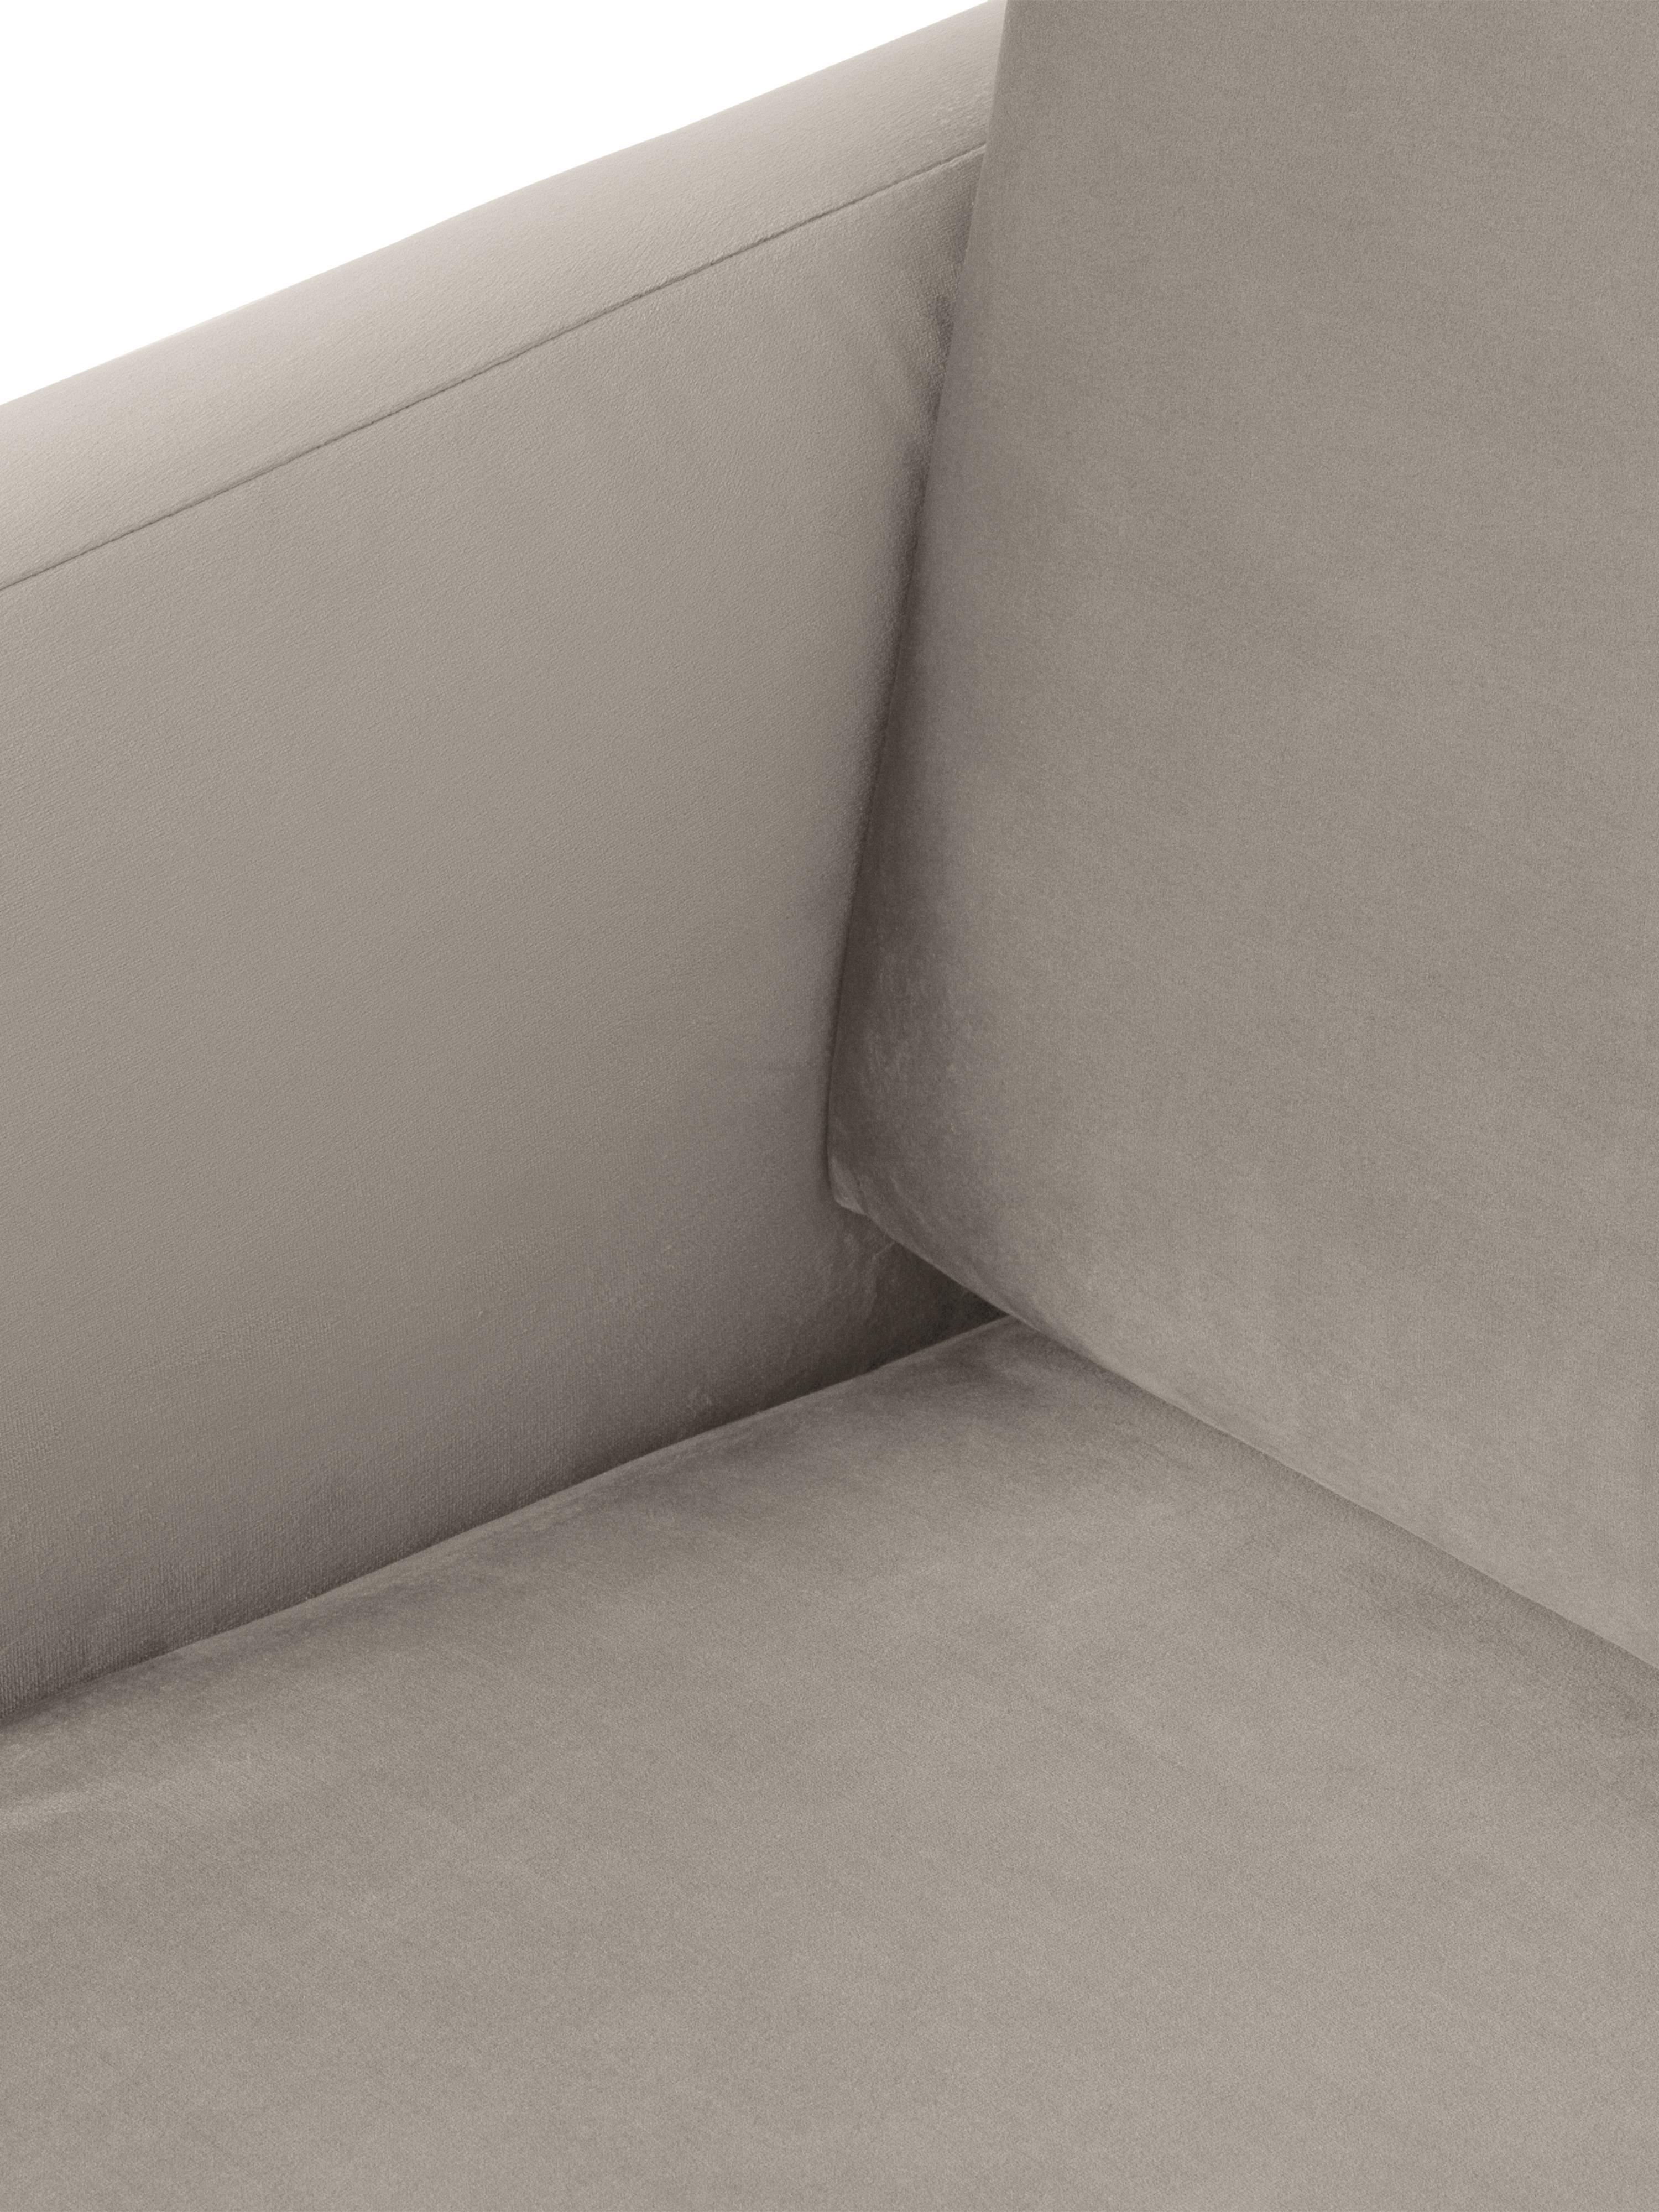 Divano angolare in velluto beige Fluente, Rivestimento: velluto (rivestimento in , Struttura: legno di pino massiccio, Piedini: metallo verniciato a polv, Velluto beige, Larg. 221 x Prof. 200 cm